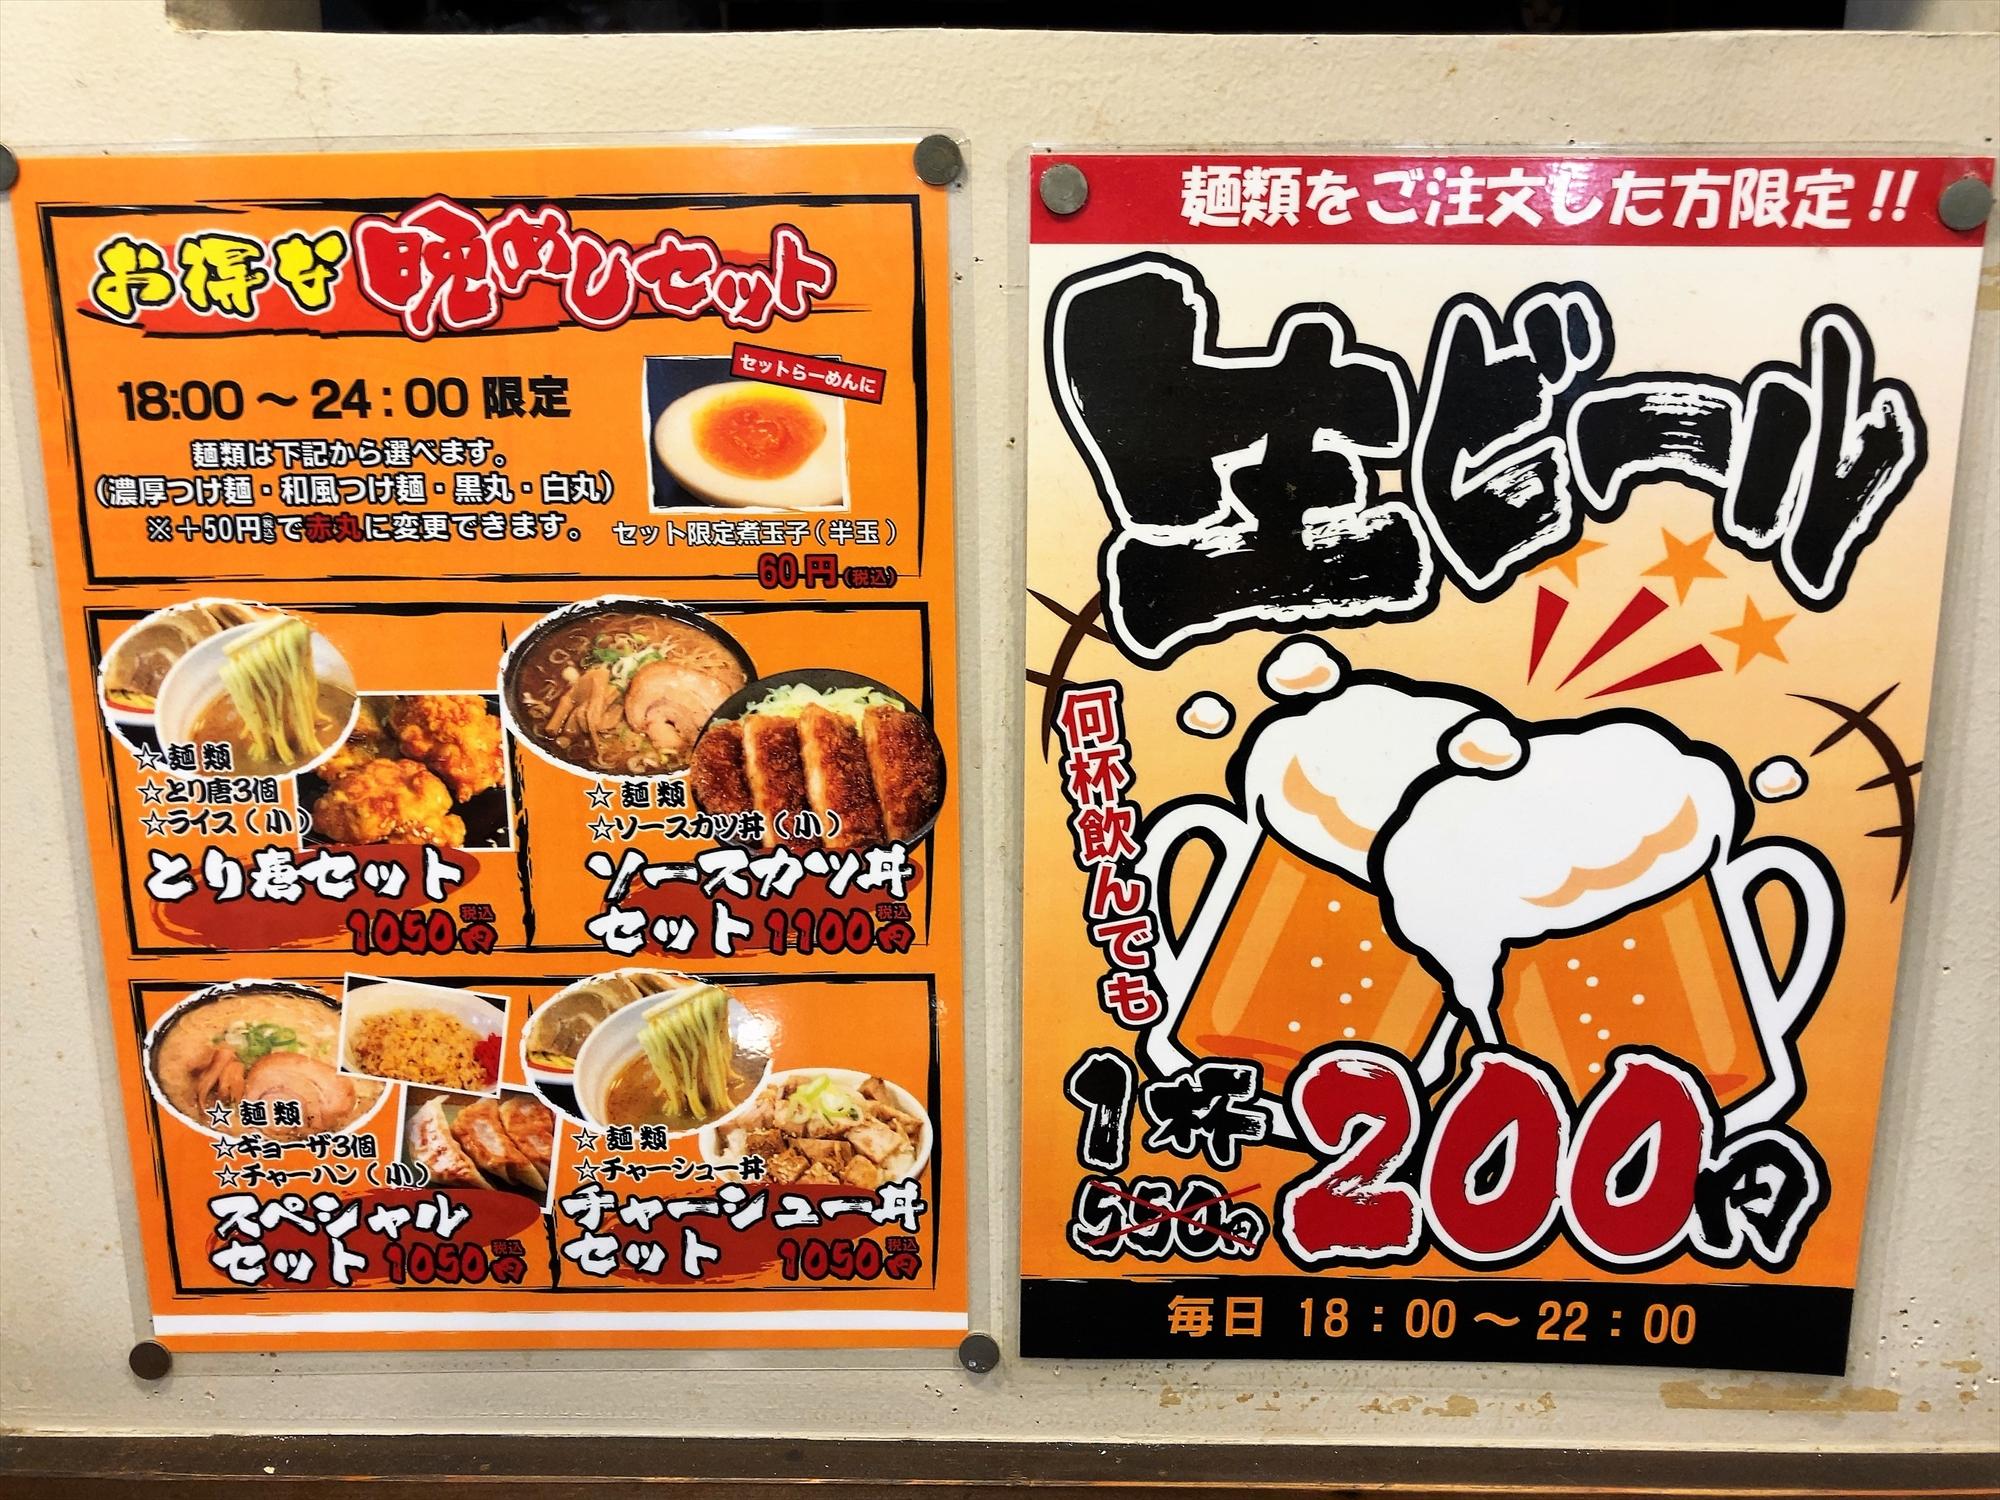 麺屋 つけ丸 有楽店のメニュー